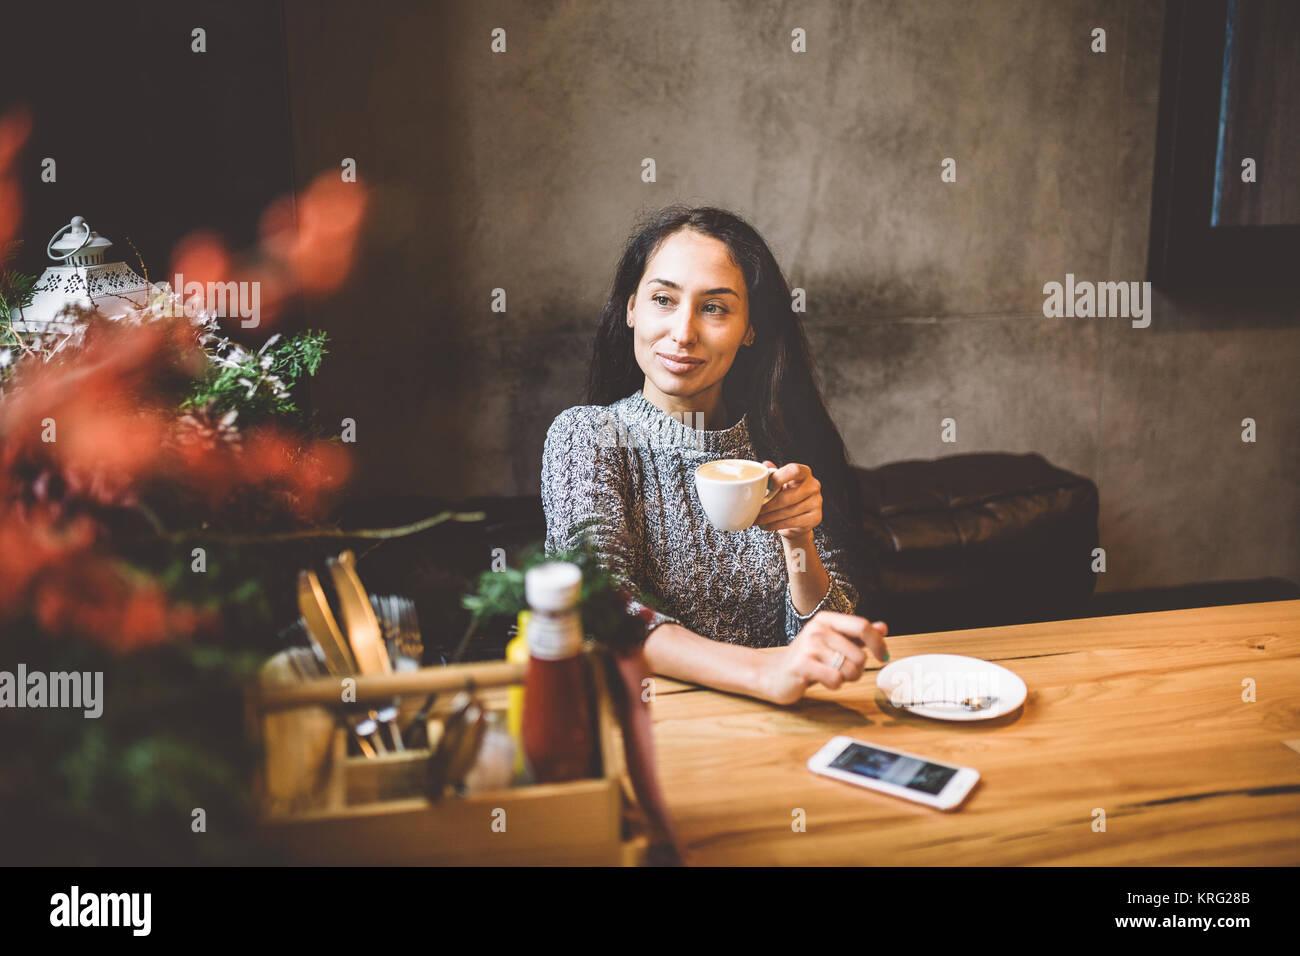 Giovane e bella ragazza beve caffè da una tazza di bianco, accanto al suo telefono cellulare in una caffetteria Immagini Stock